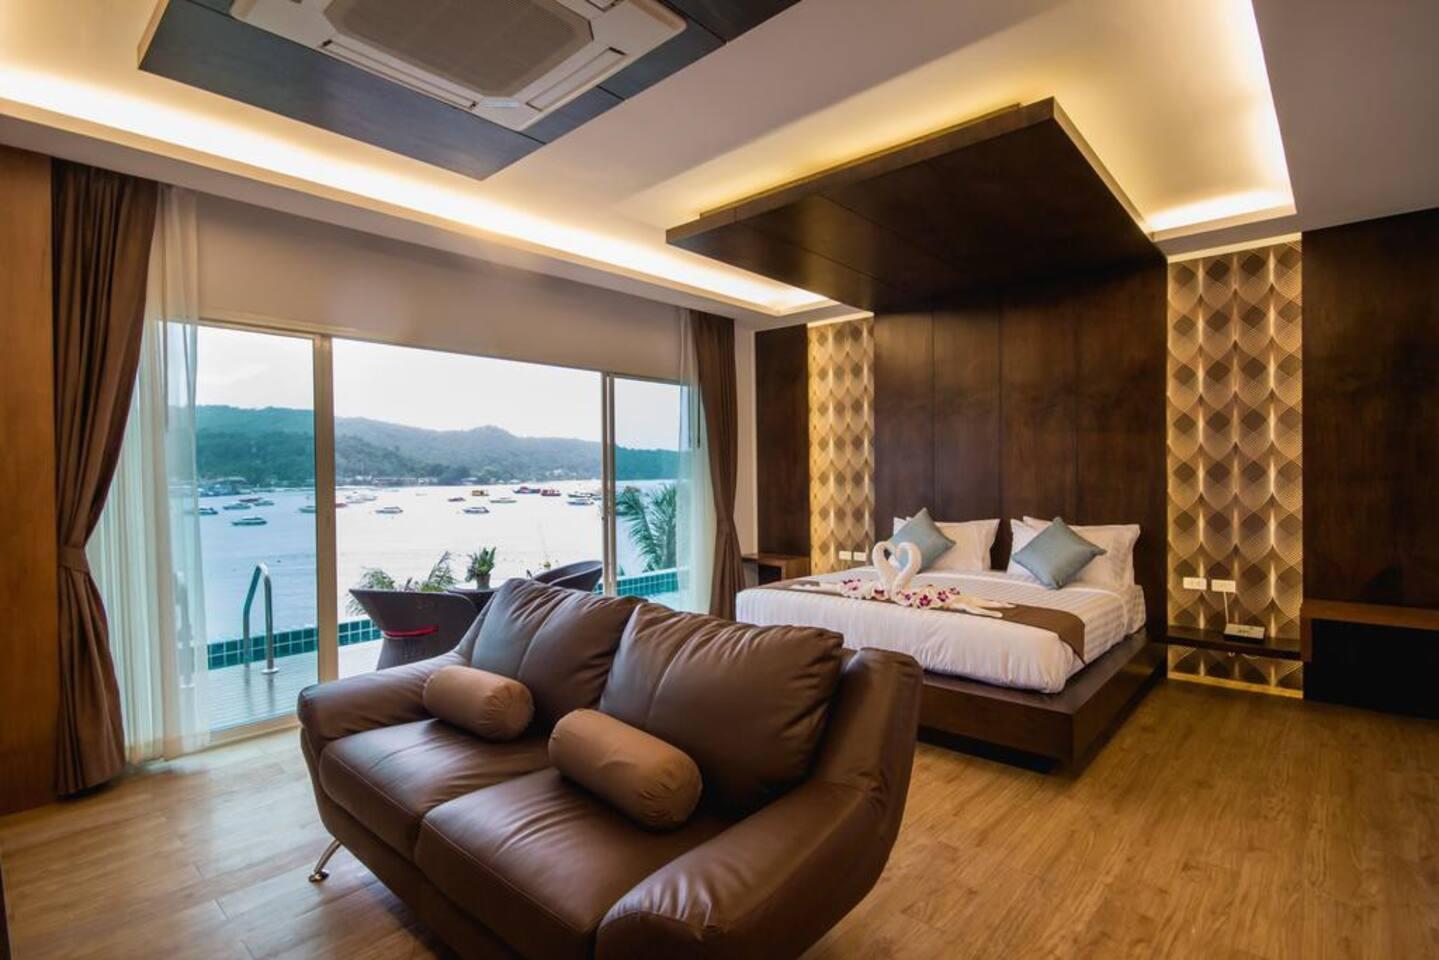 LUXURY POOL & SEA VIEW ROOM (3RD FLOOR) สตูดิโอ บังกะโล 1 ห้องน้ำส่วนตัว ขนาด 40 ตร.ม. – อ่าวโละดาลัม